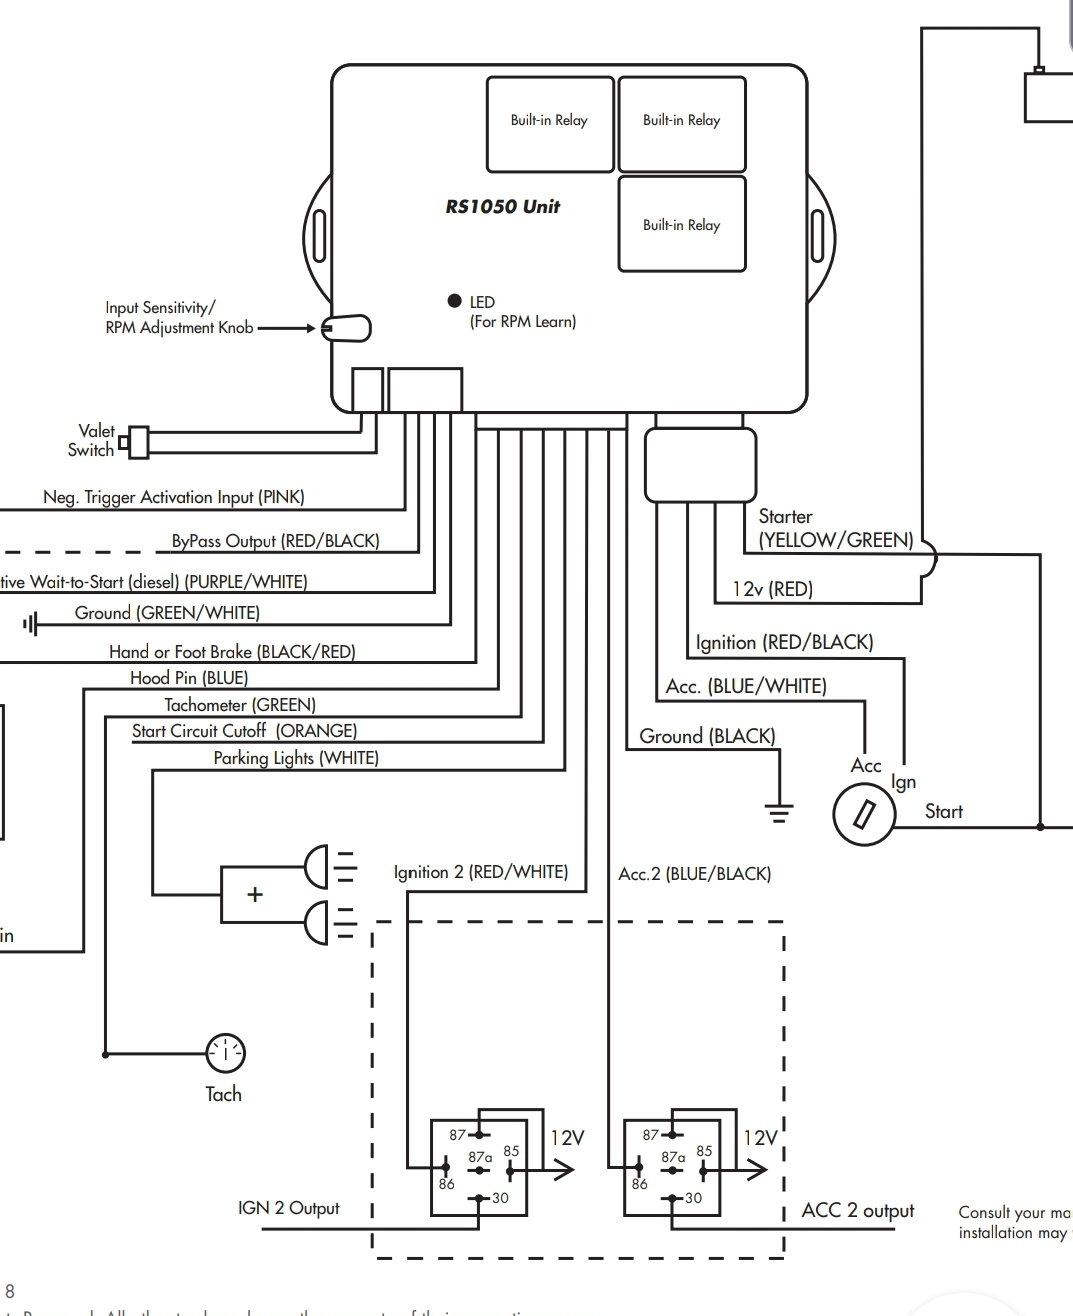 Ford Starter Relay Wiring Diagram : starter, relay, wiring, diagram, Start, Relay, Forum, Community, Truck